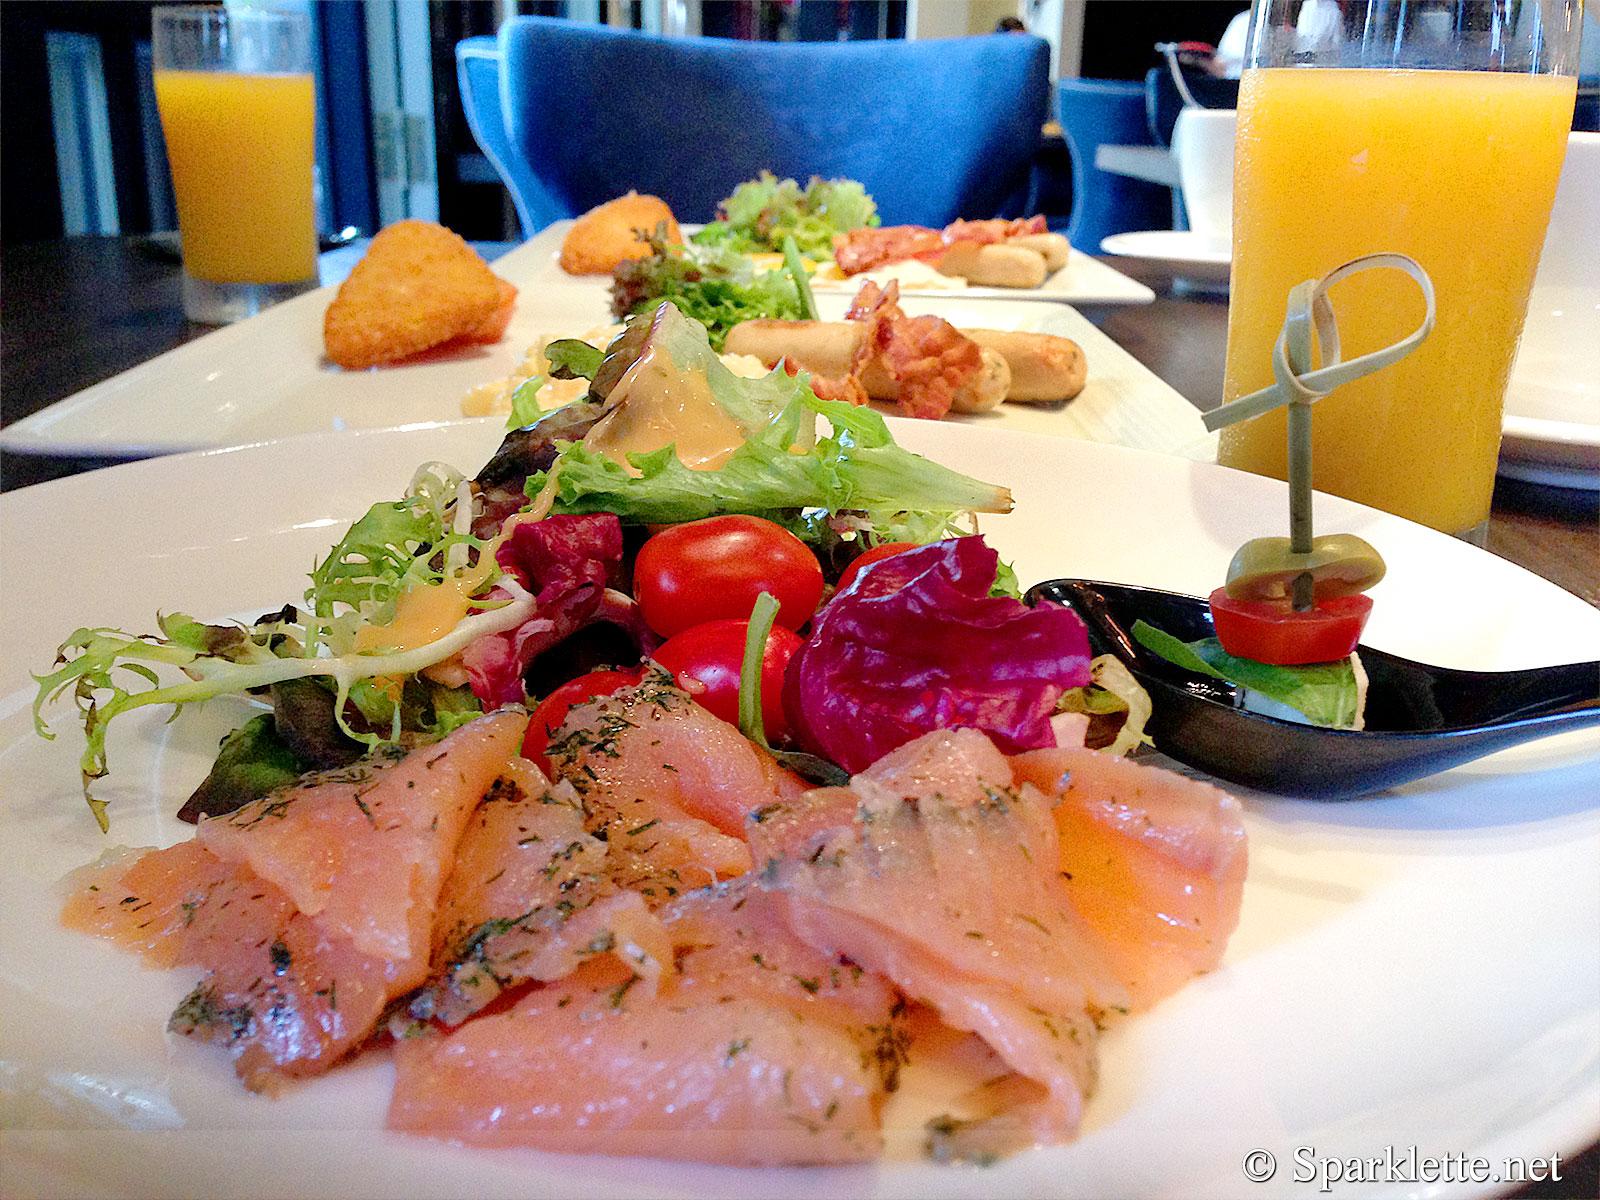 The Scarlet Hotel Breakfast